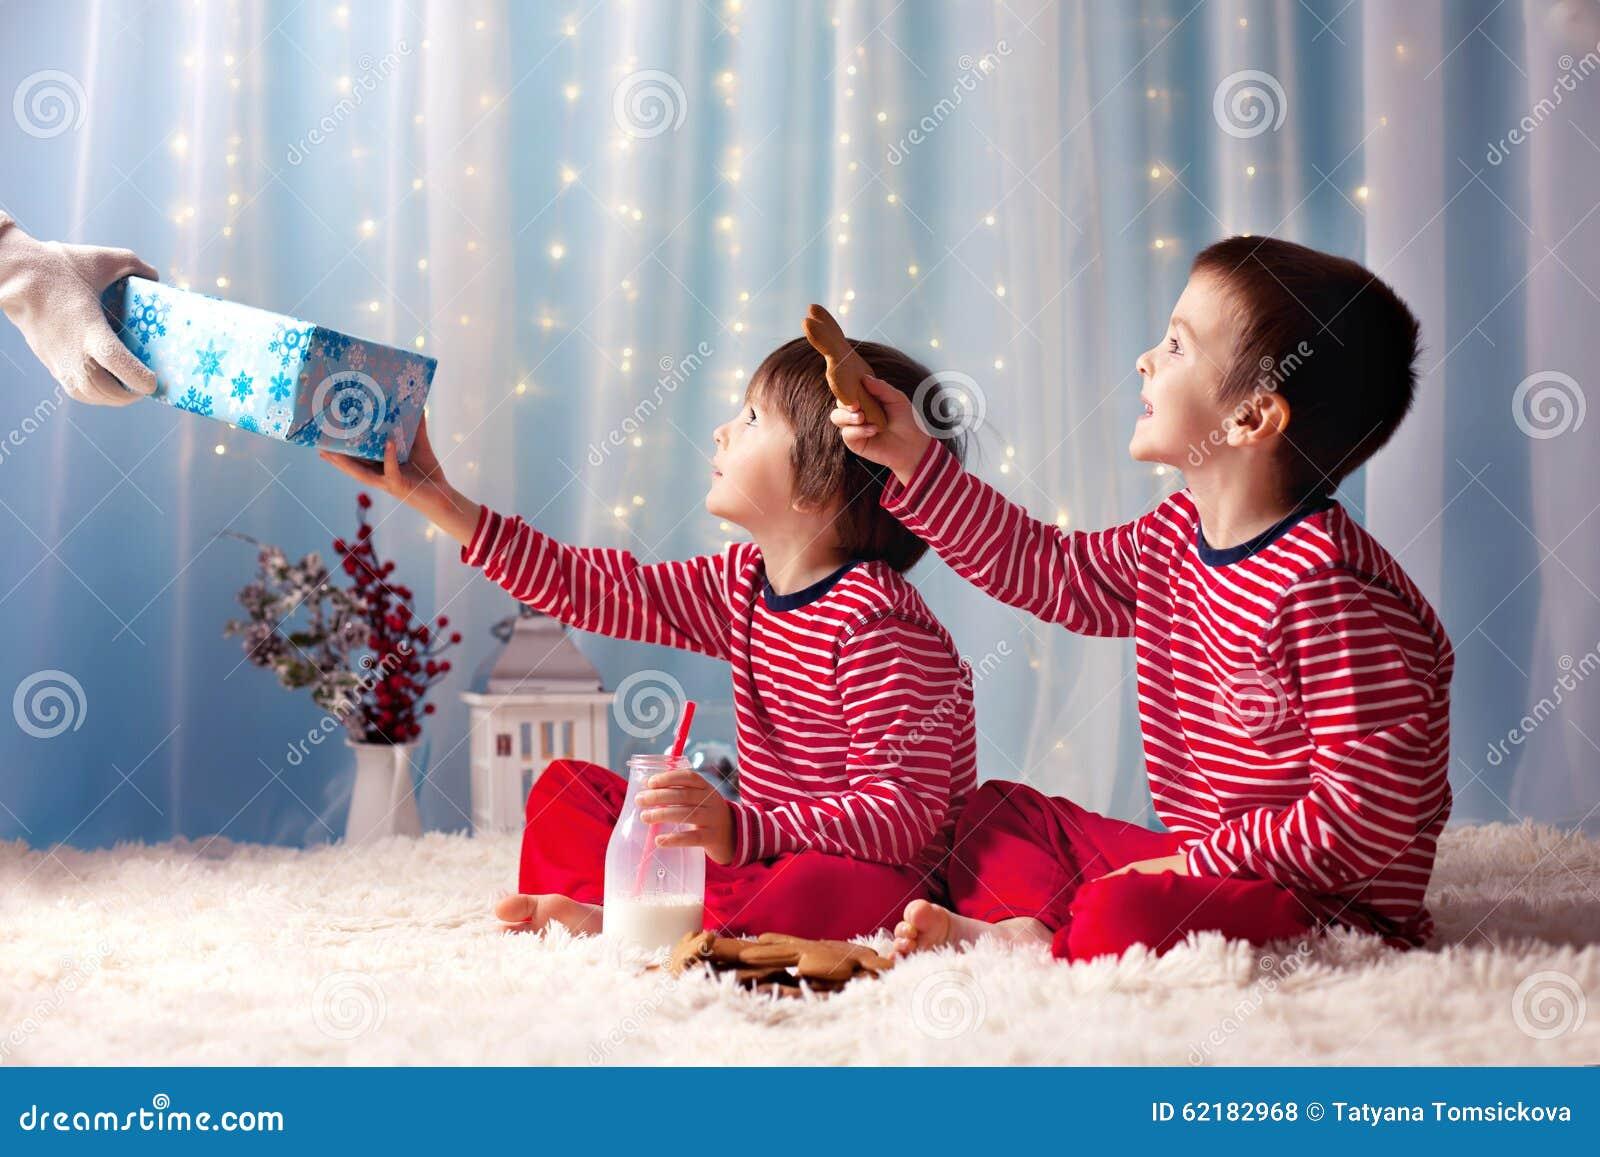 2f7c515d9c5aa Deux Petits Garçons Dans Des Pyjamas